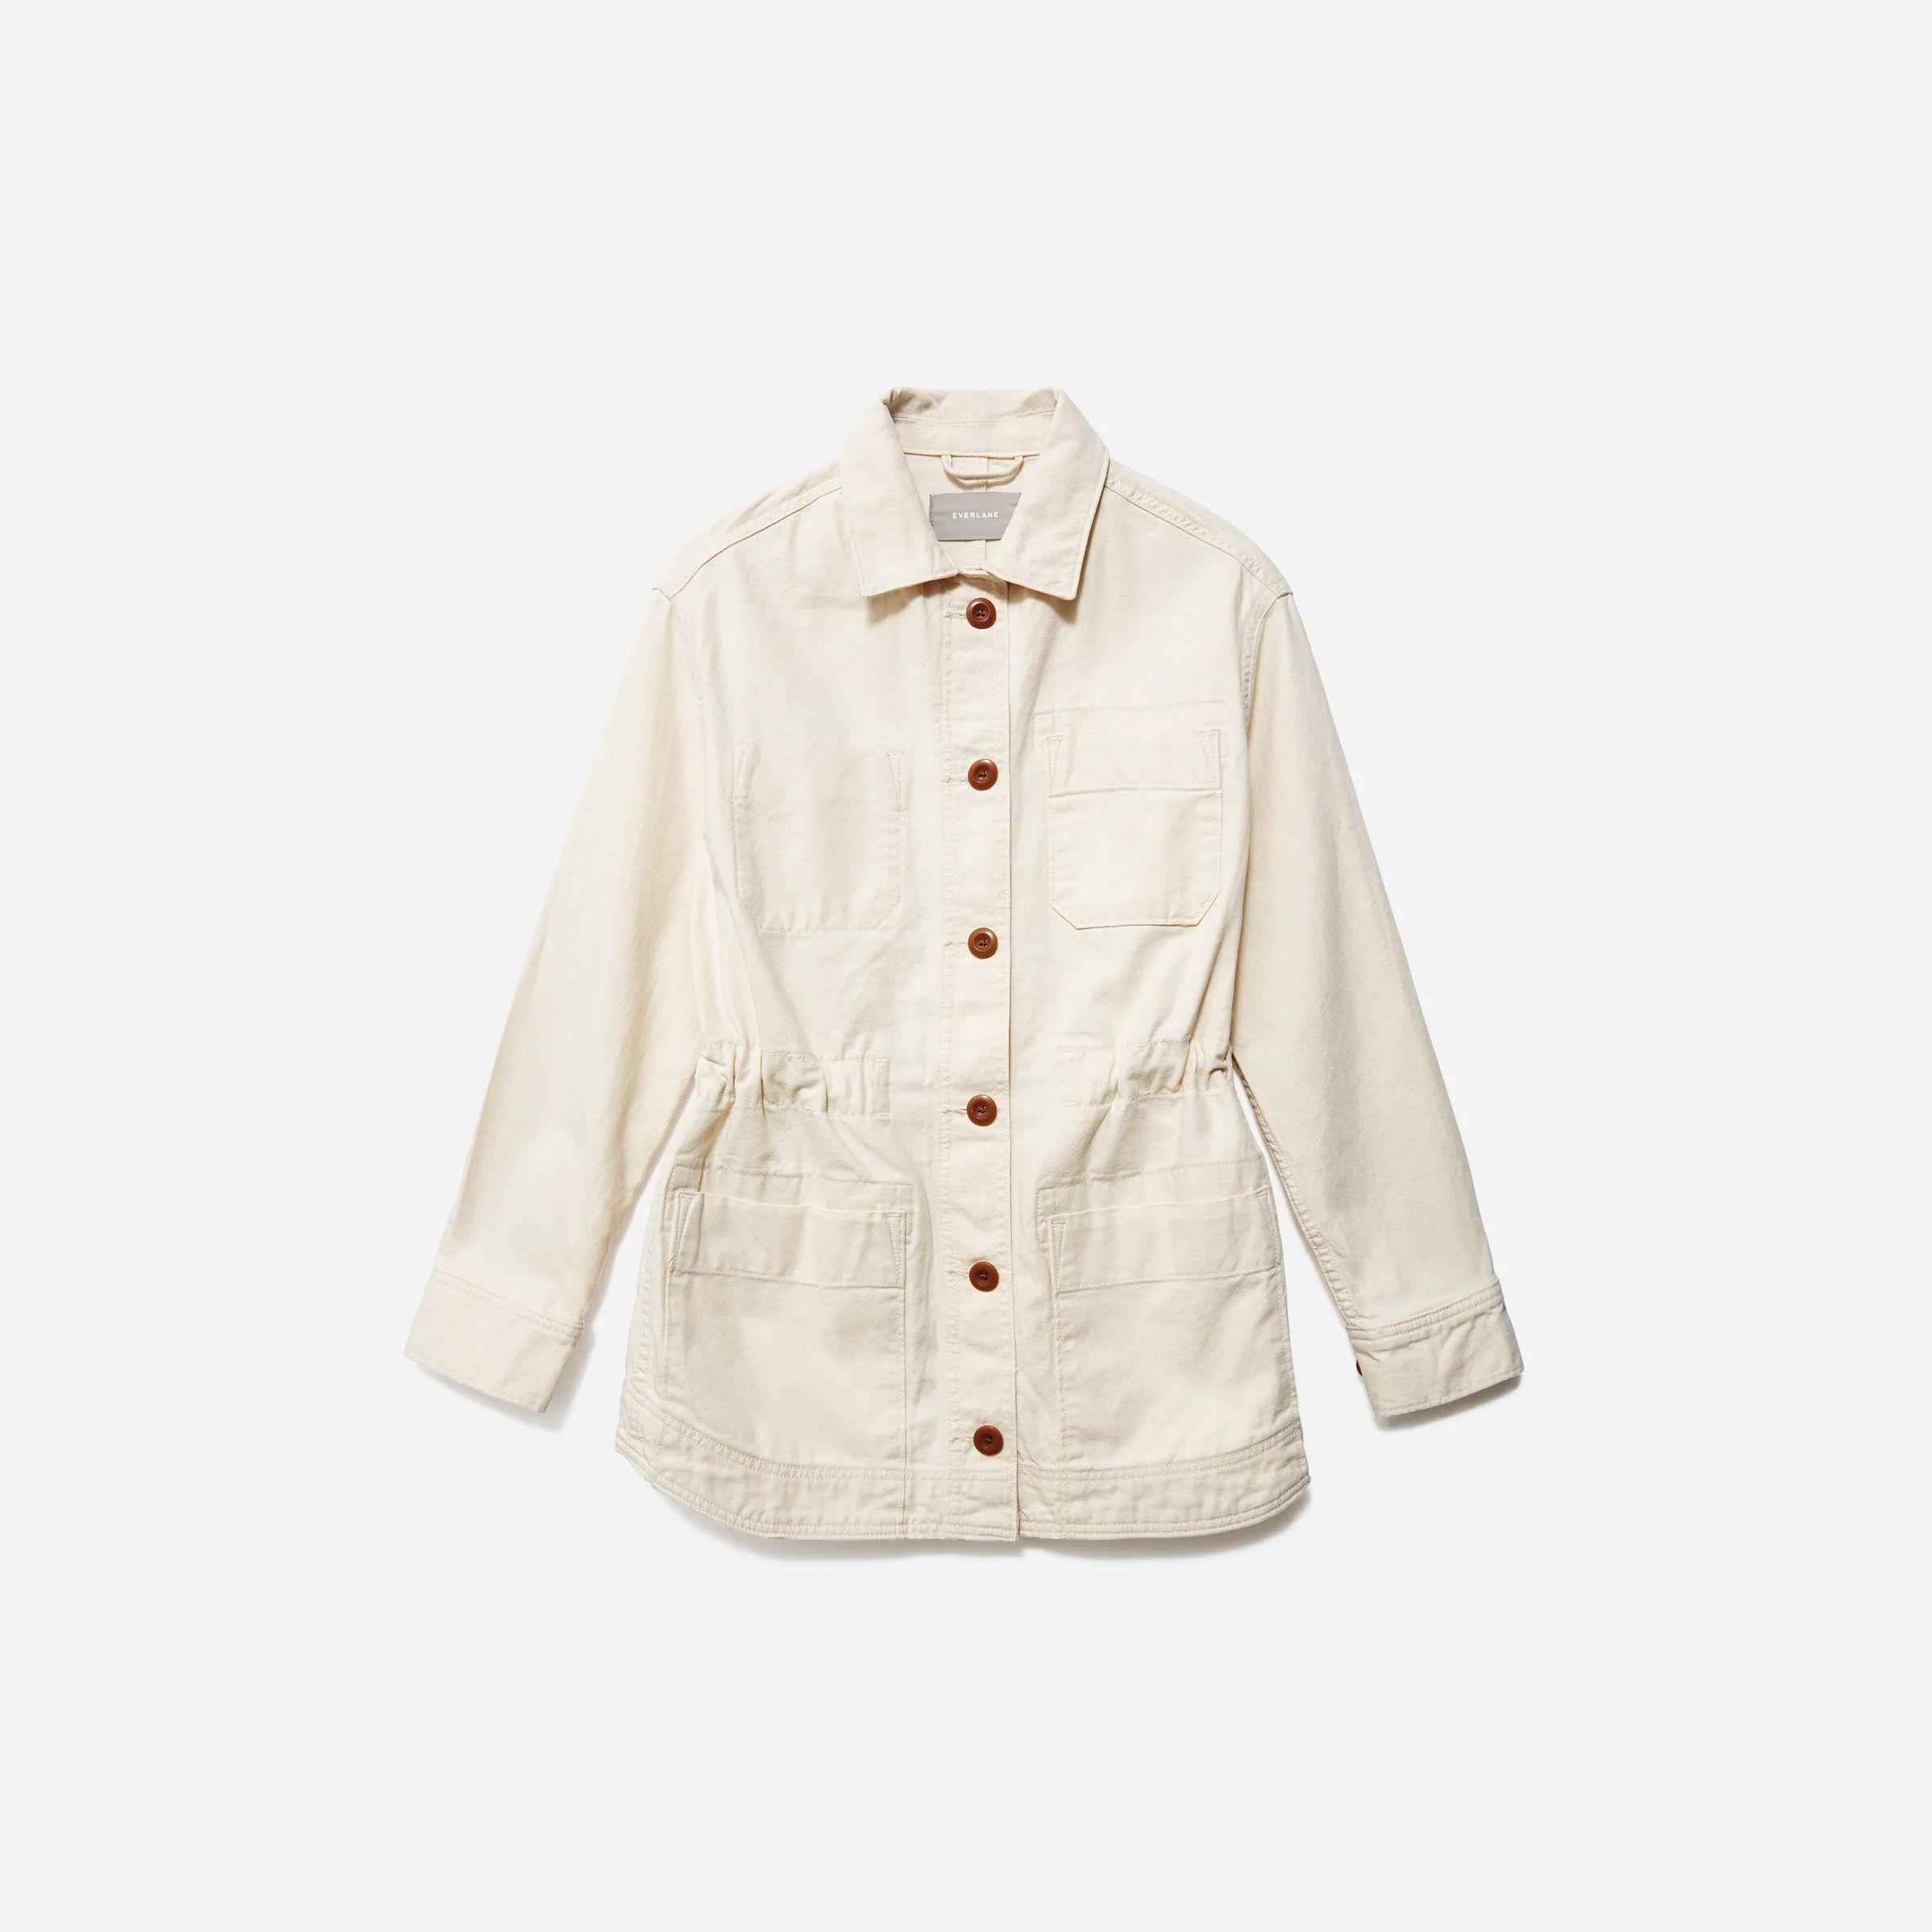 The Cinchable Chore Jacket